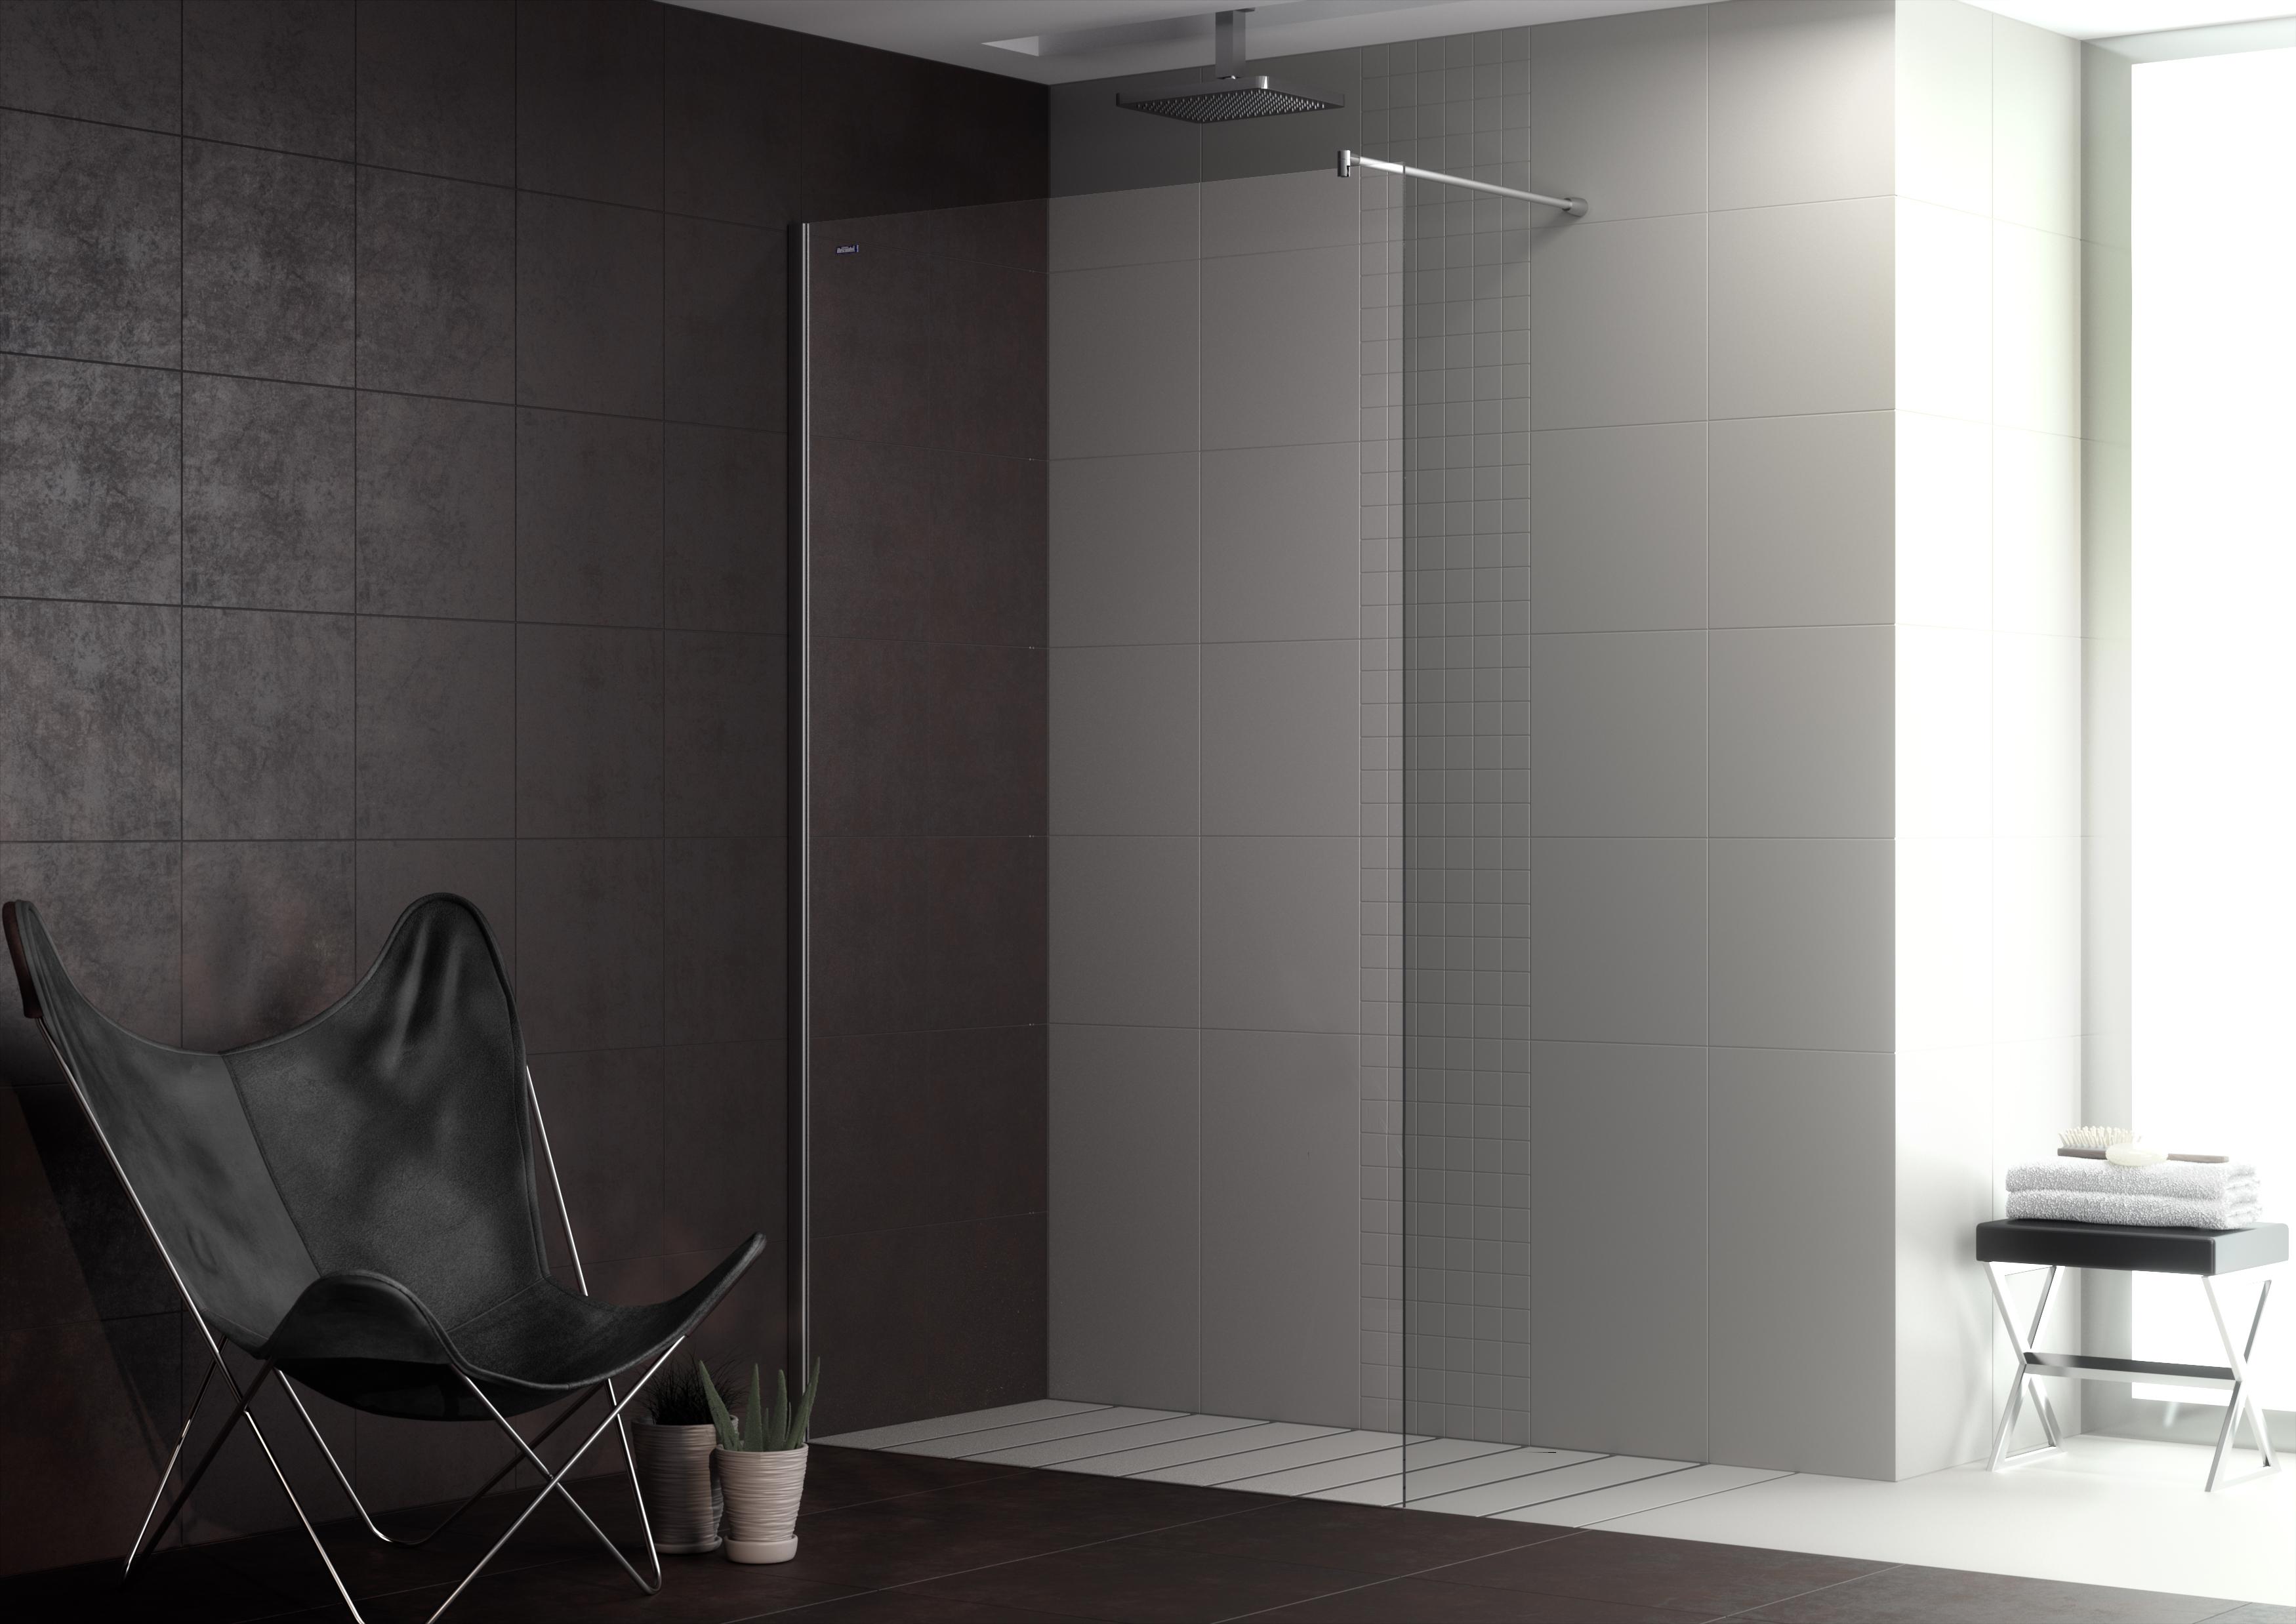 azulejos para baos penacambiar la baera por el plato de ducha es una idea acertada al azulejos para baos pena